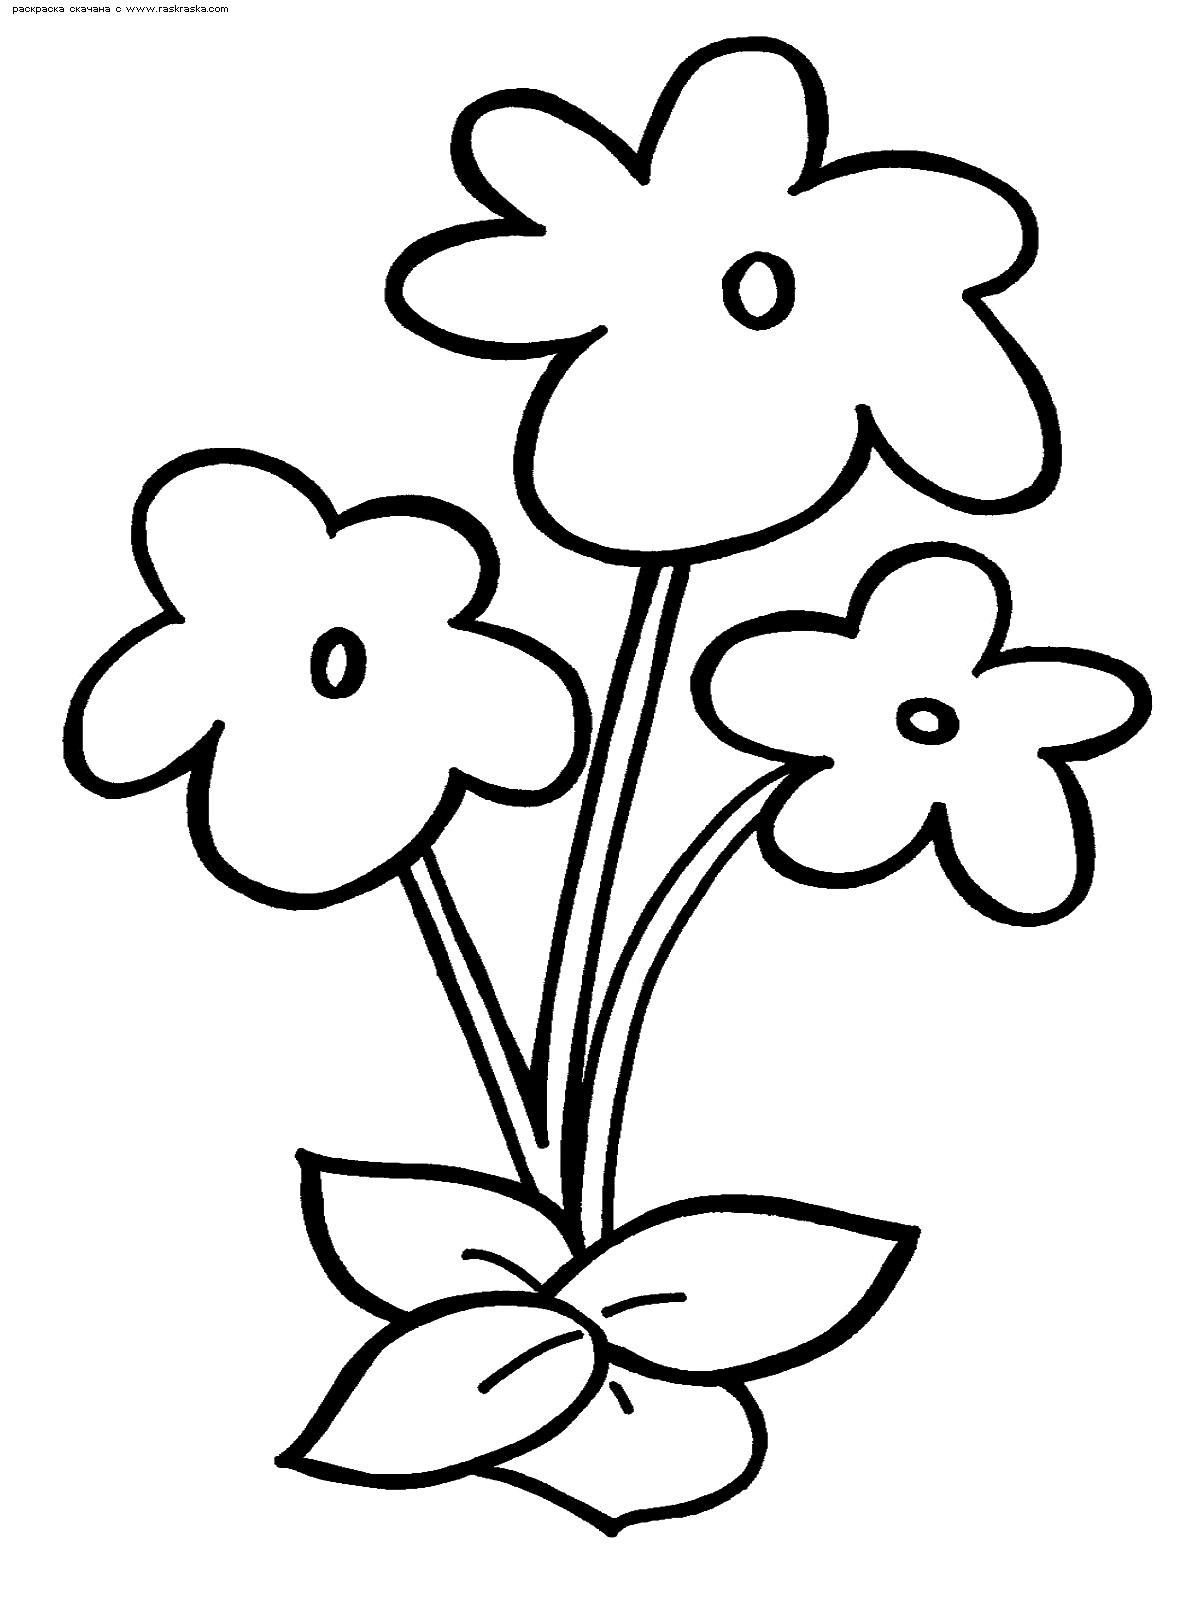 Раскраска Цветы | Раскраски цветов для маленьких детей